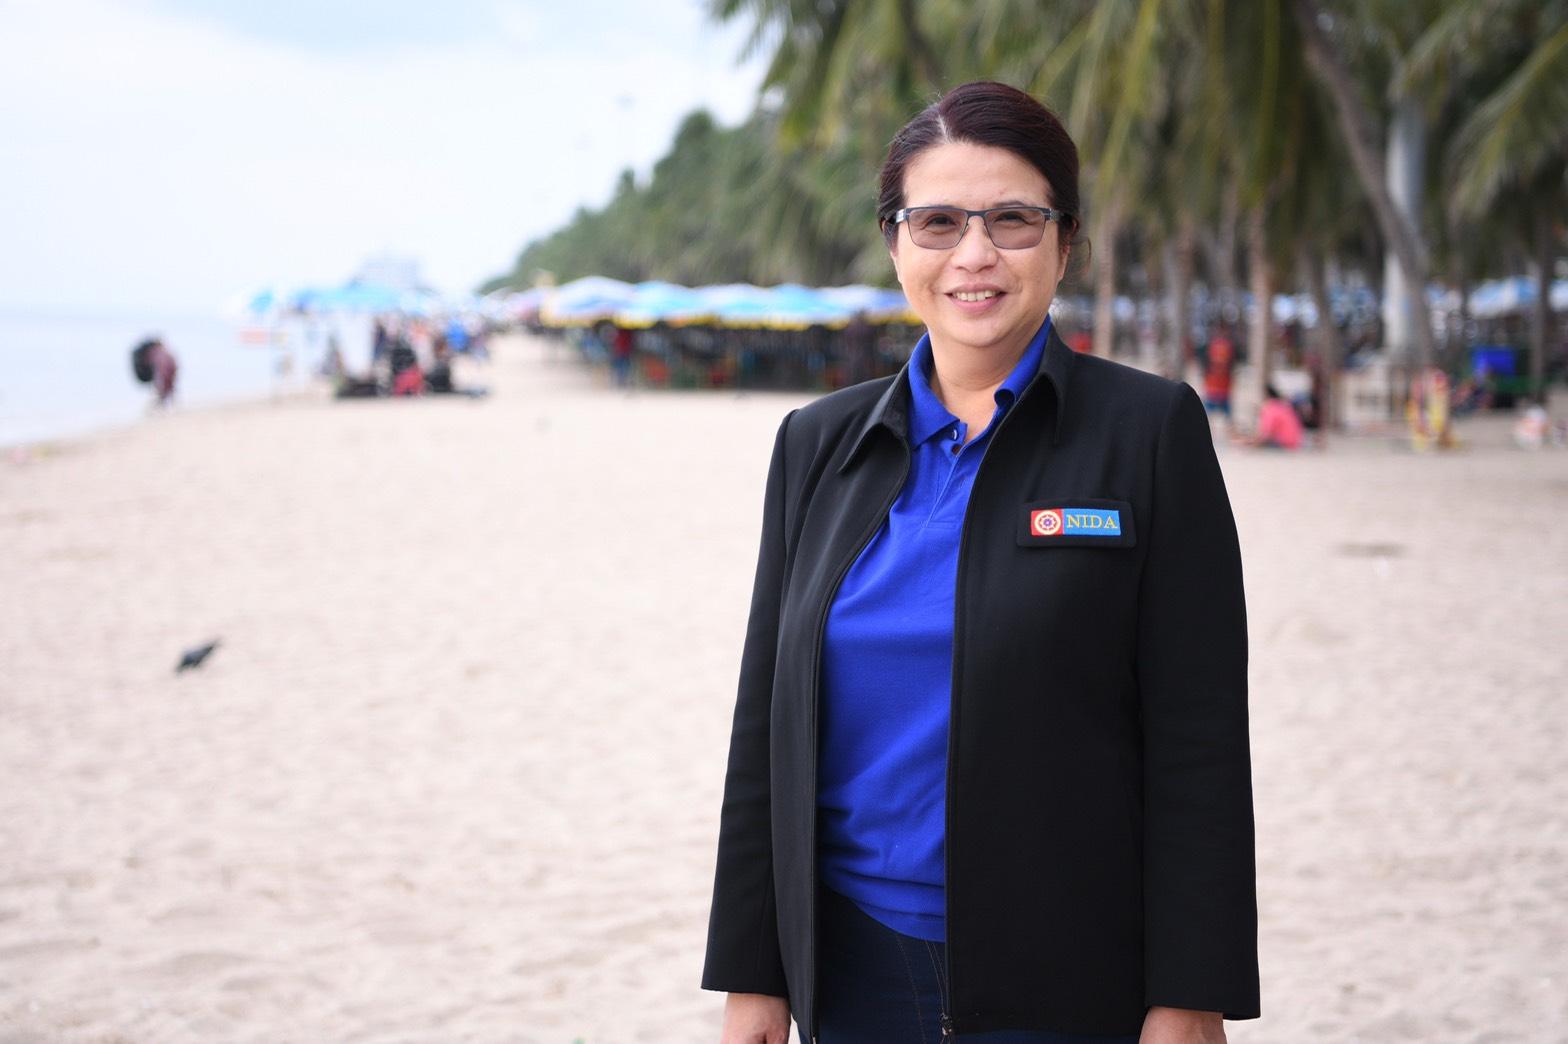 หาดบางแสน แหล่งท่องเที่ยวต้นแบบลดปัจจัยเสี่ยง thaihealth